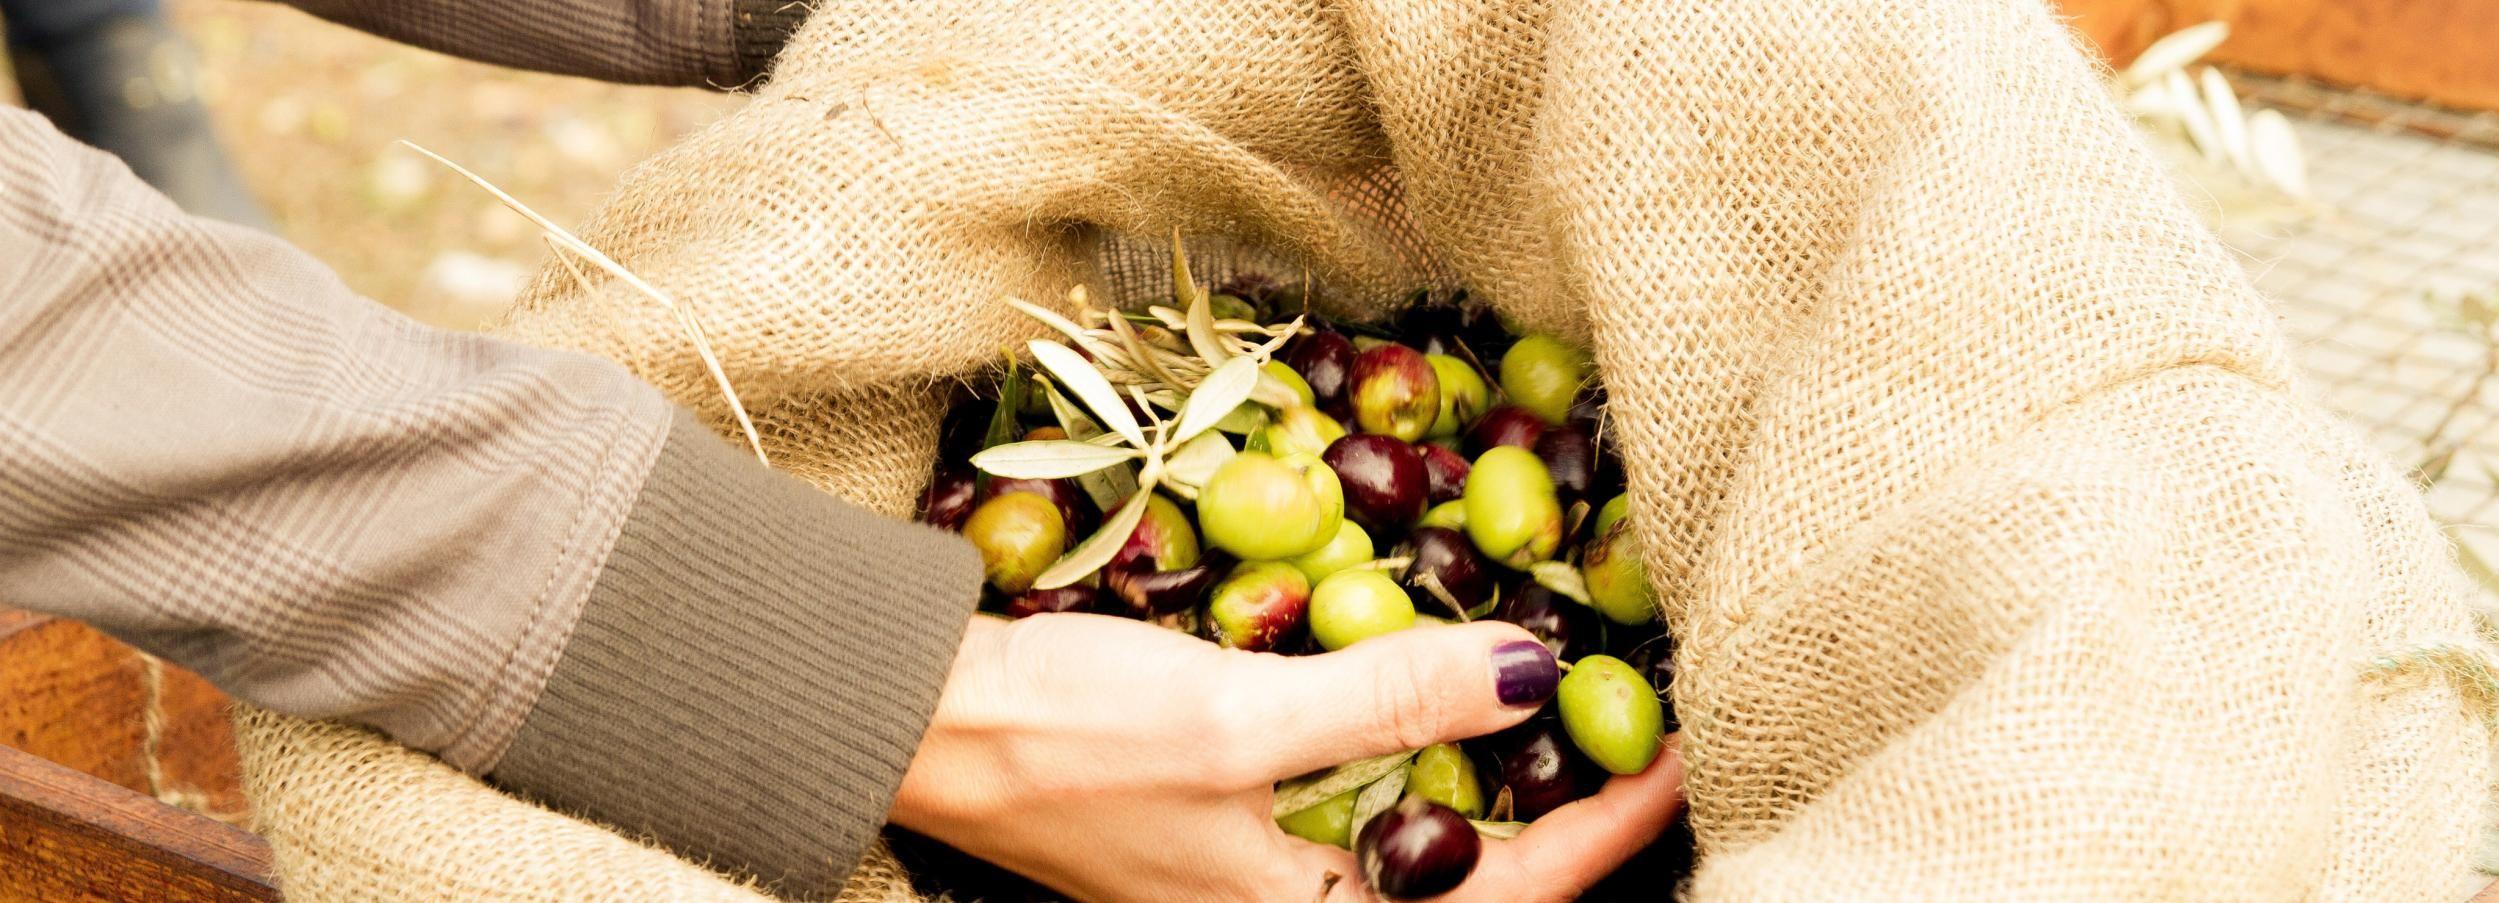 Tour d'huile d'olive de Nauplie